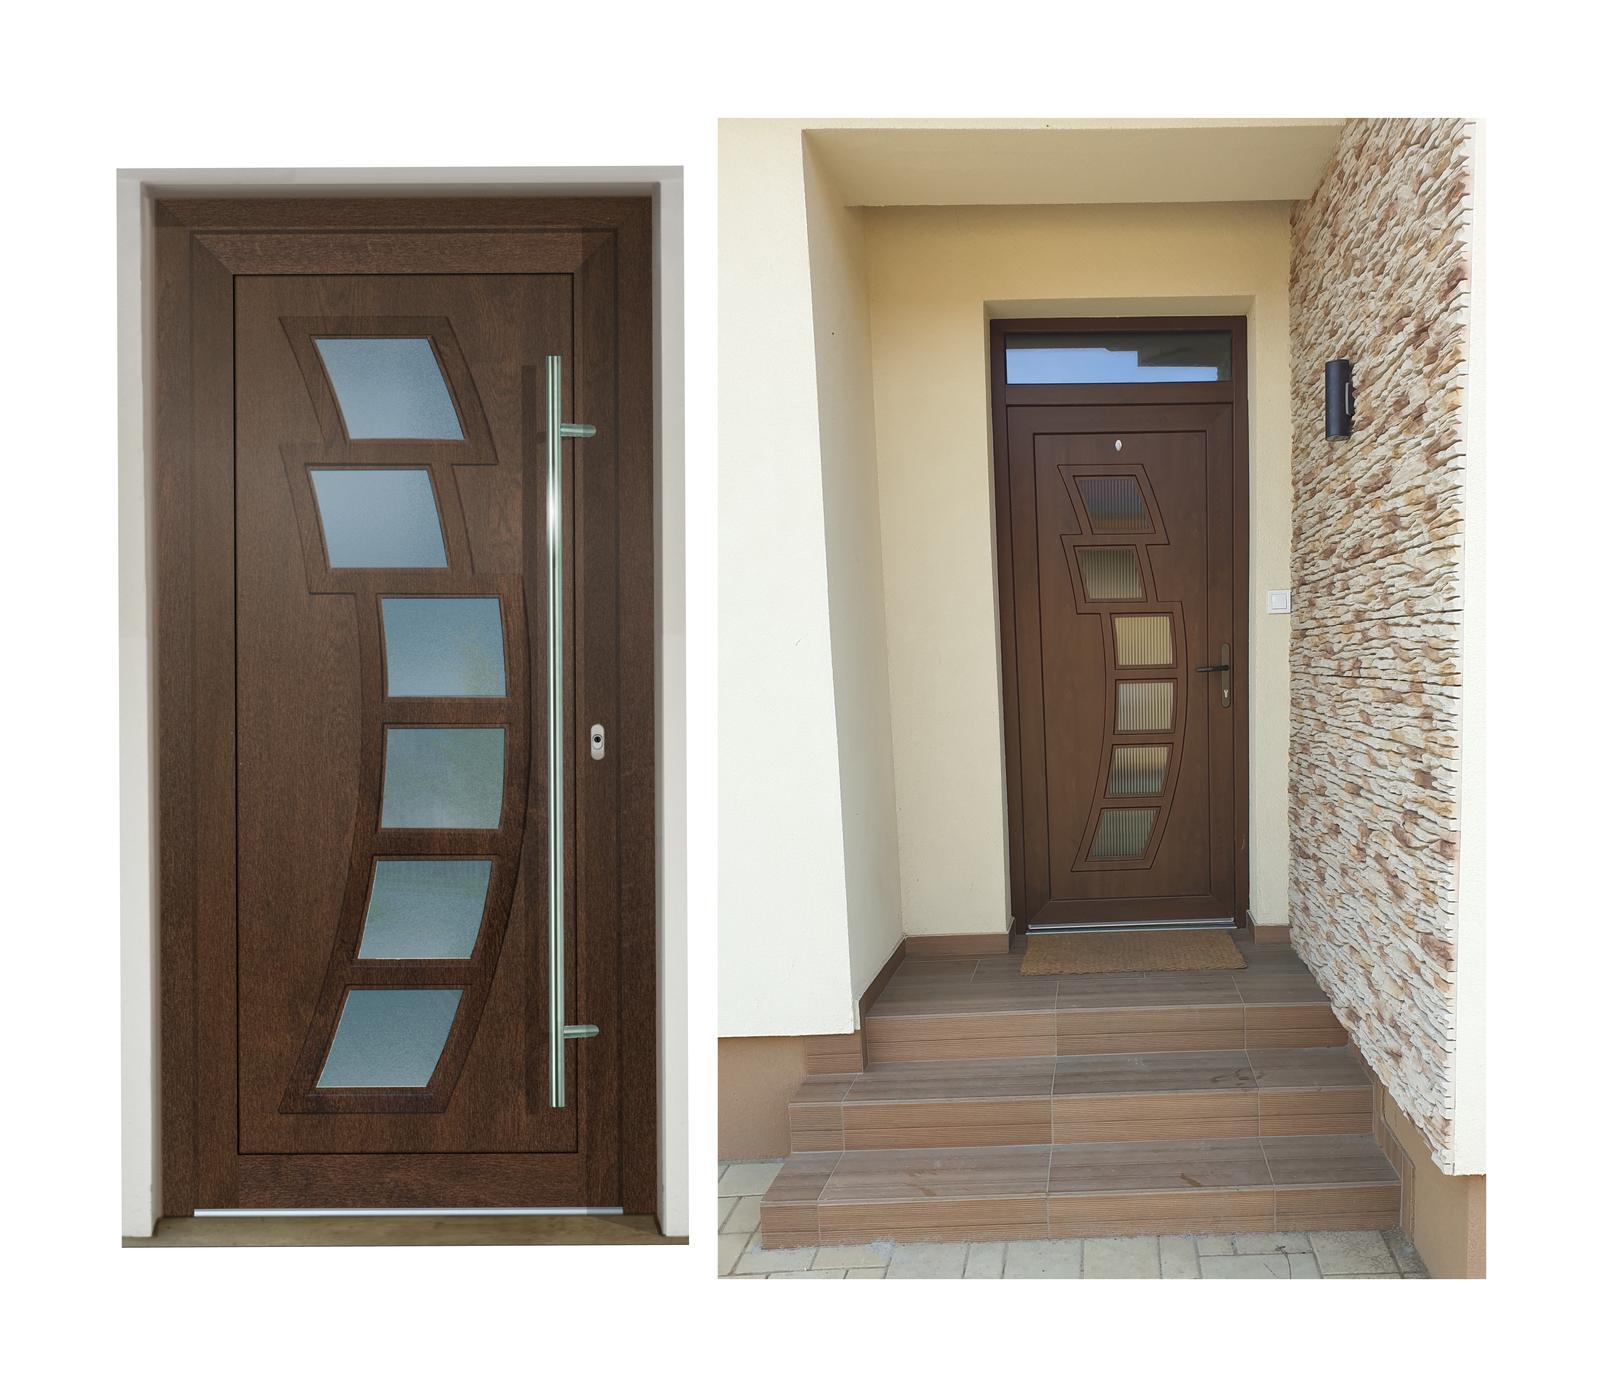 Vchodové dvere - vstup do vášho súkromného sveta - GAVA 292